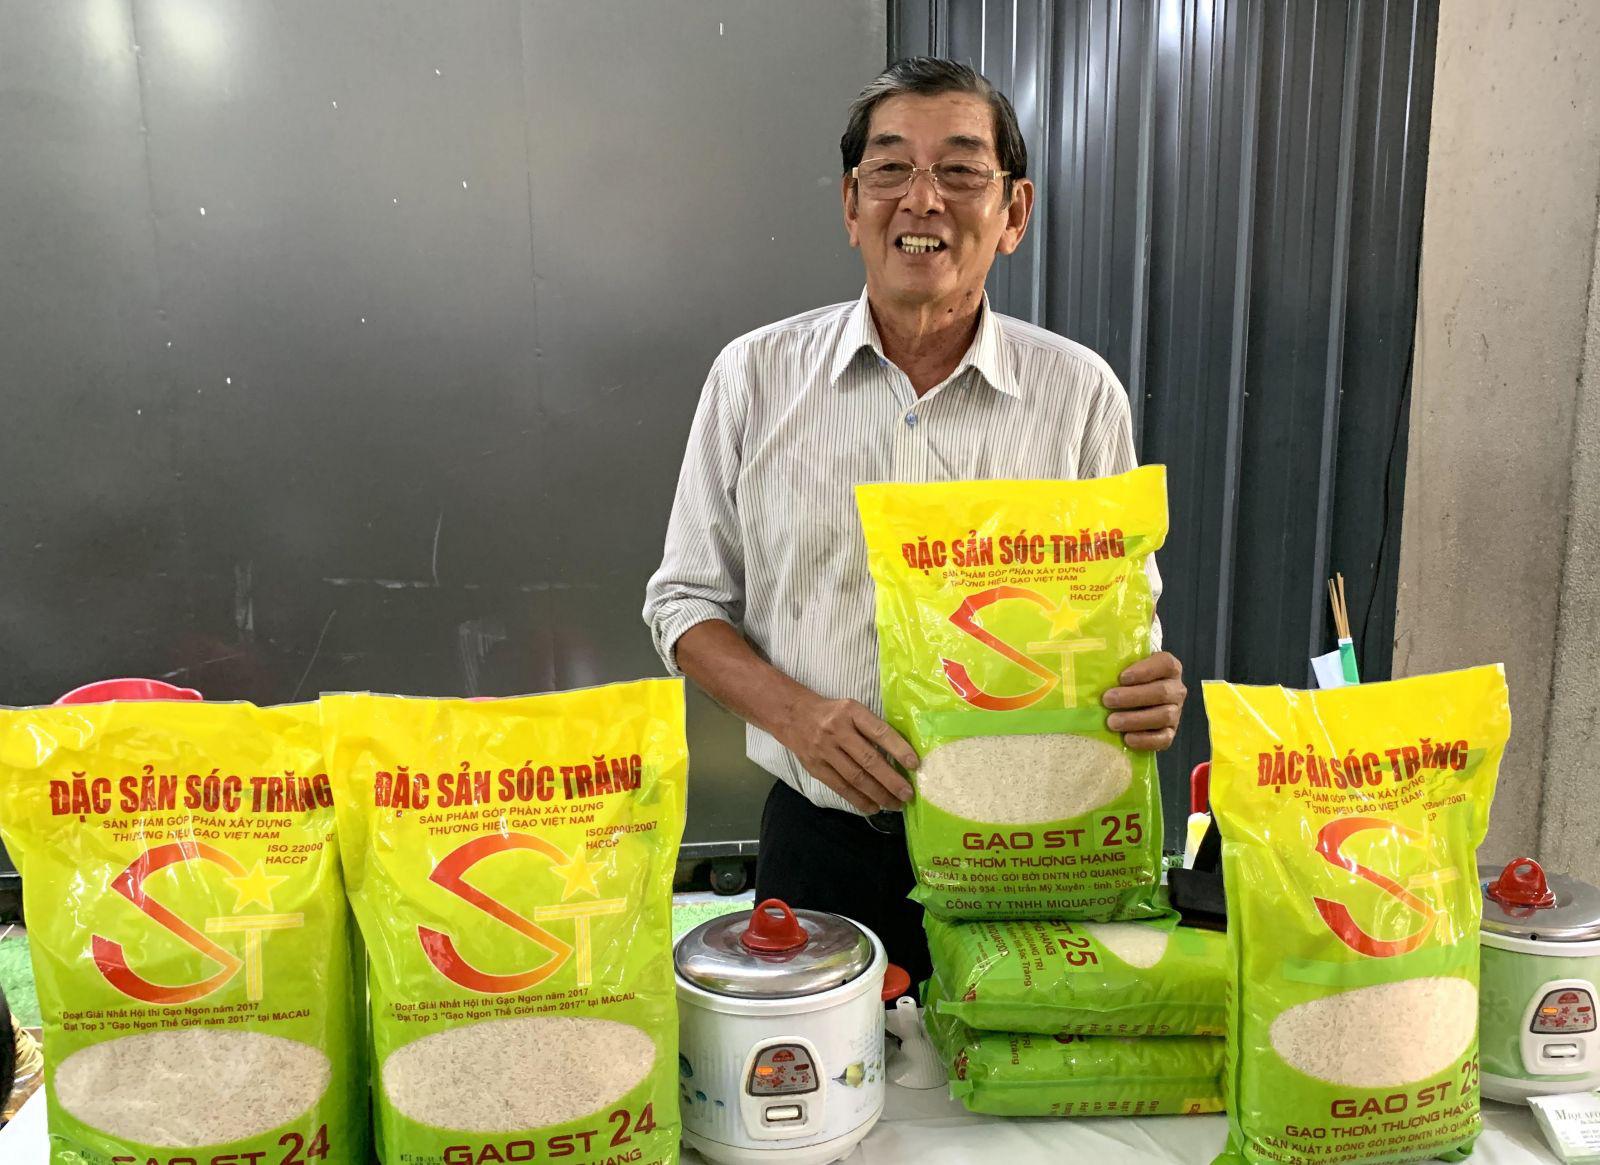 Gạo ST25 bị đăng ký nhãn hiệu ở Úc: Những việc ông Hồ Quang Cua cần làm để bảo vệ thương hiệu - Ảnh 2.